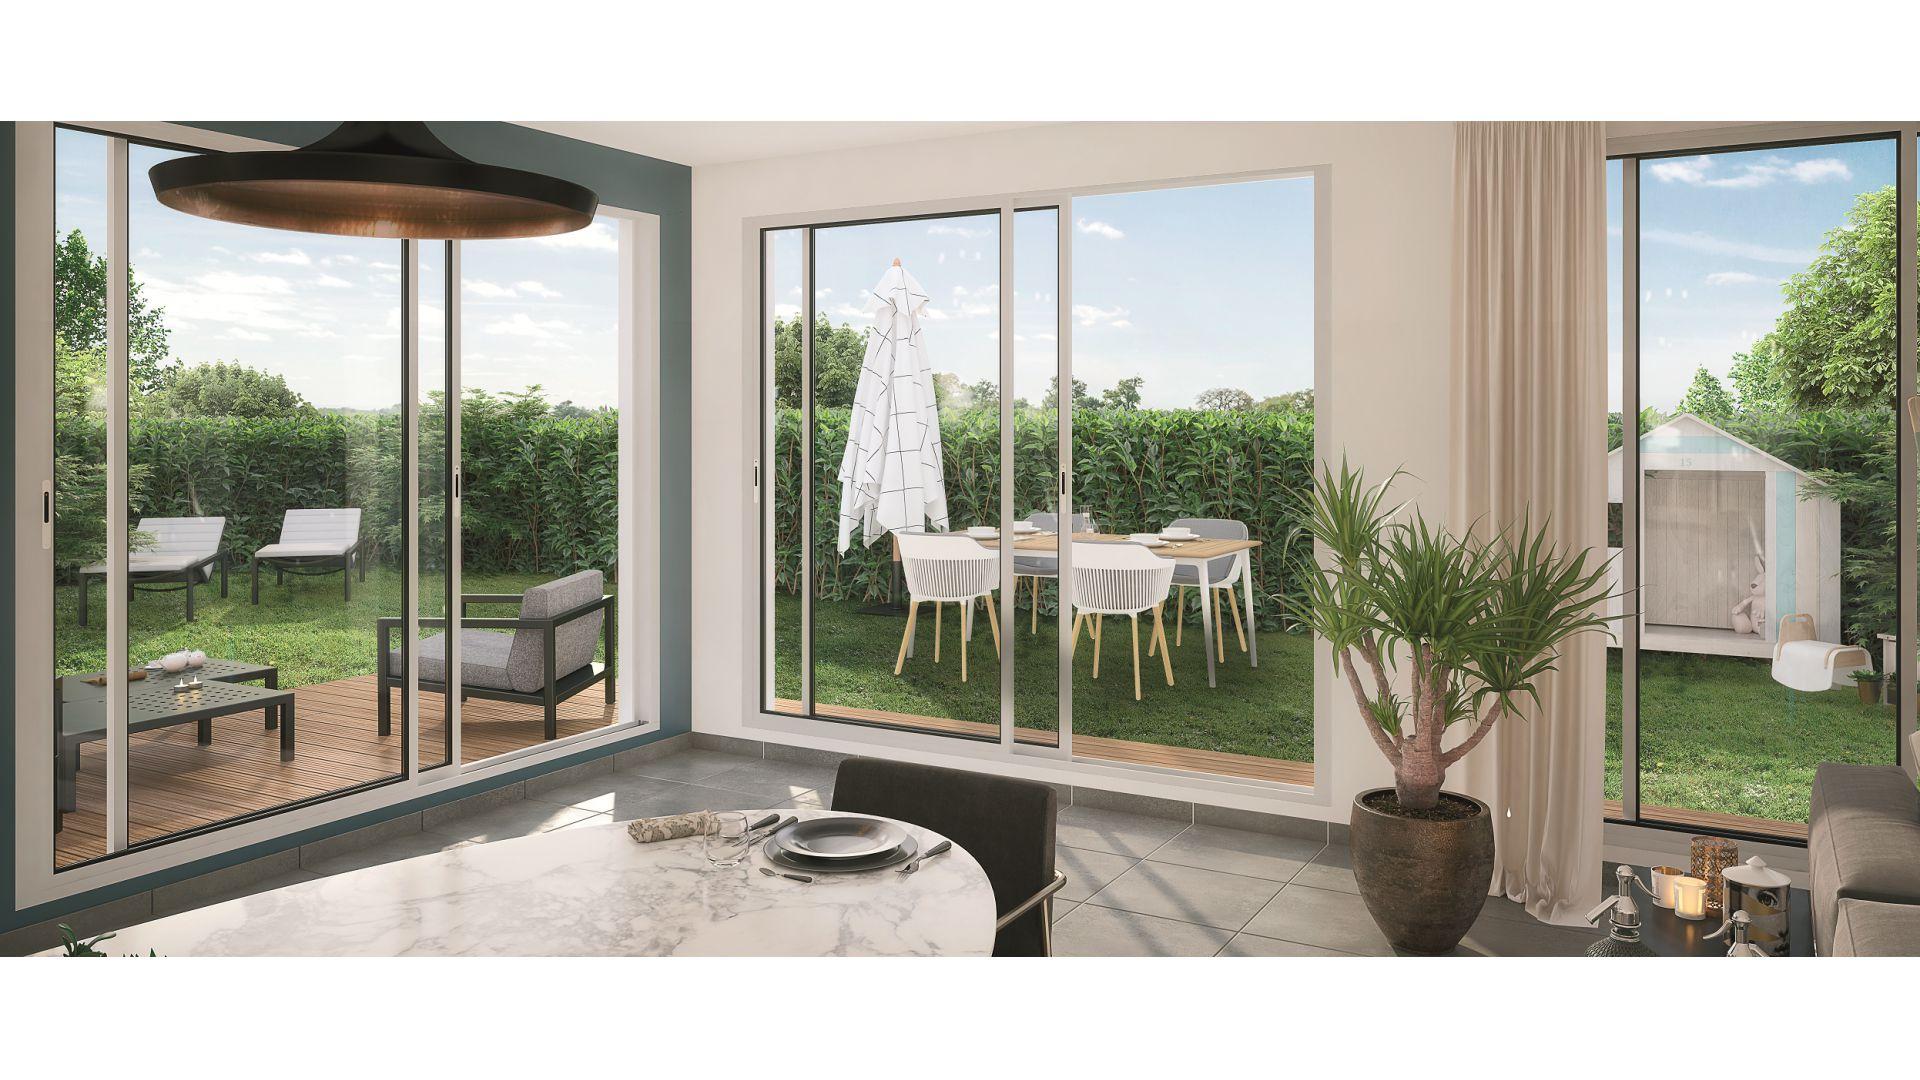 Greencity Immobilier - Villas Valéria - 31320 Auzeville - Villas neuves T6 - appartements neufs T2-T3 - intérieur villa terrasse